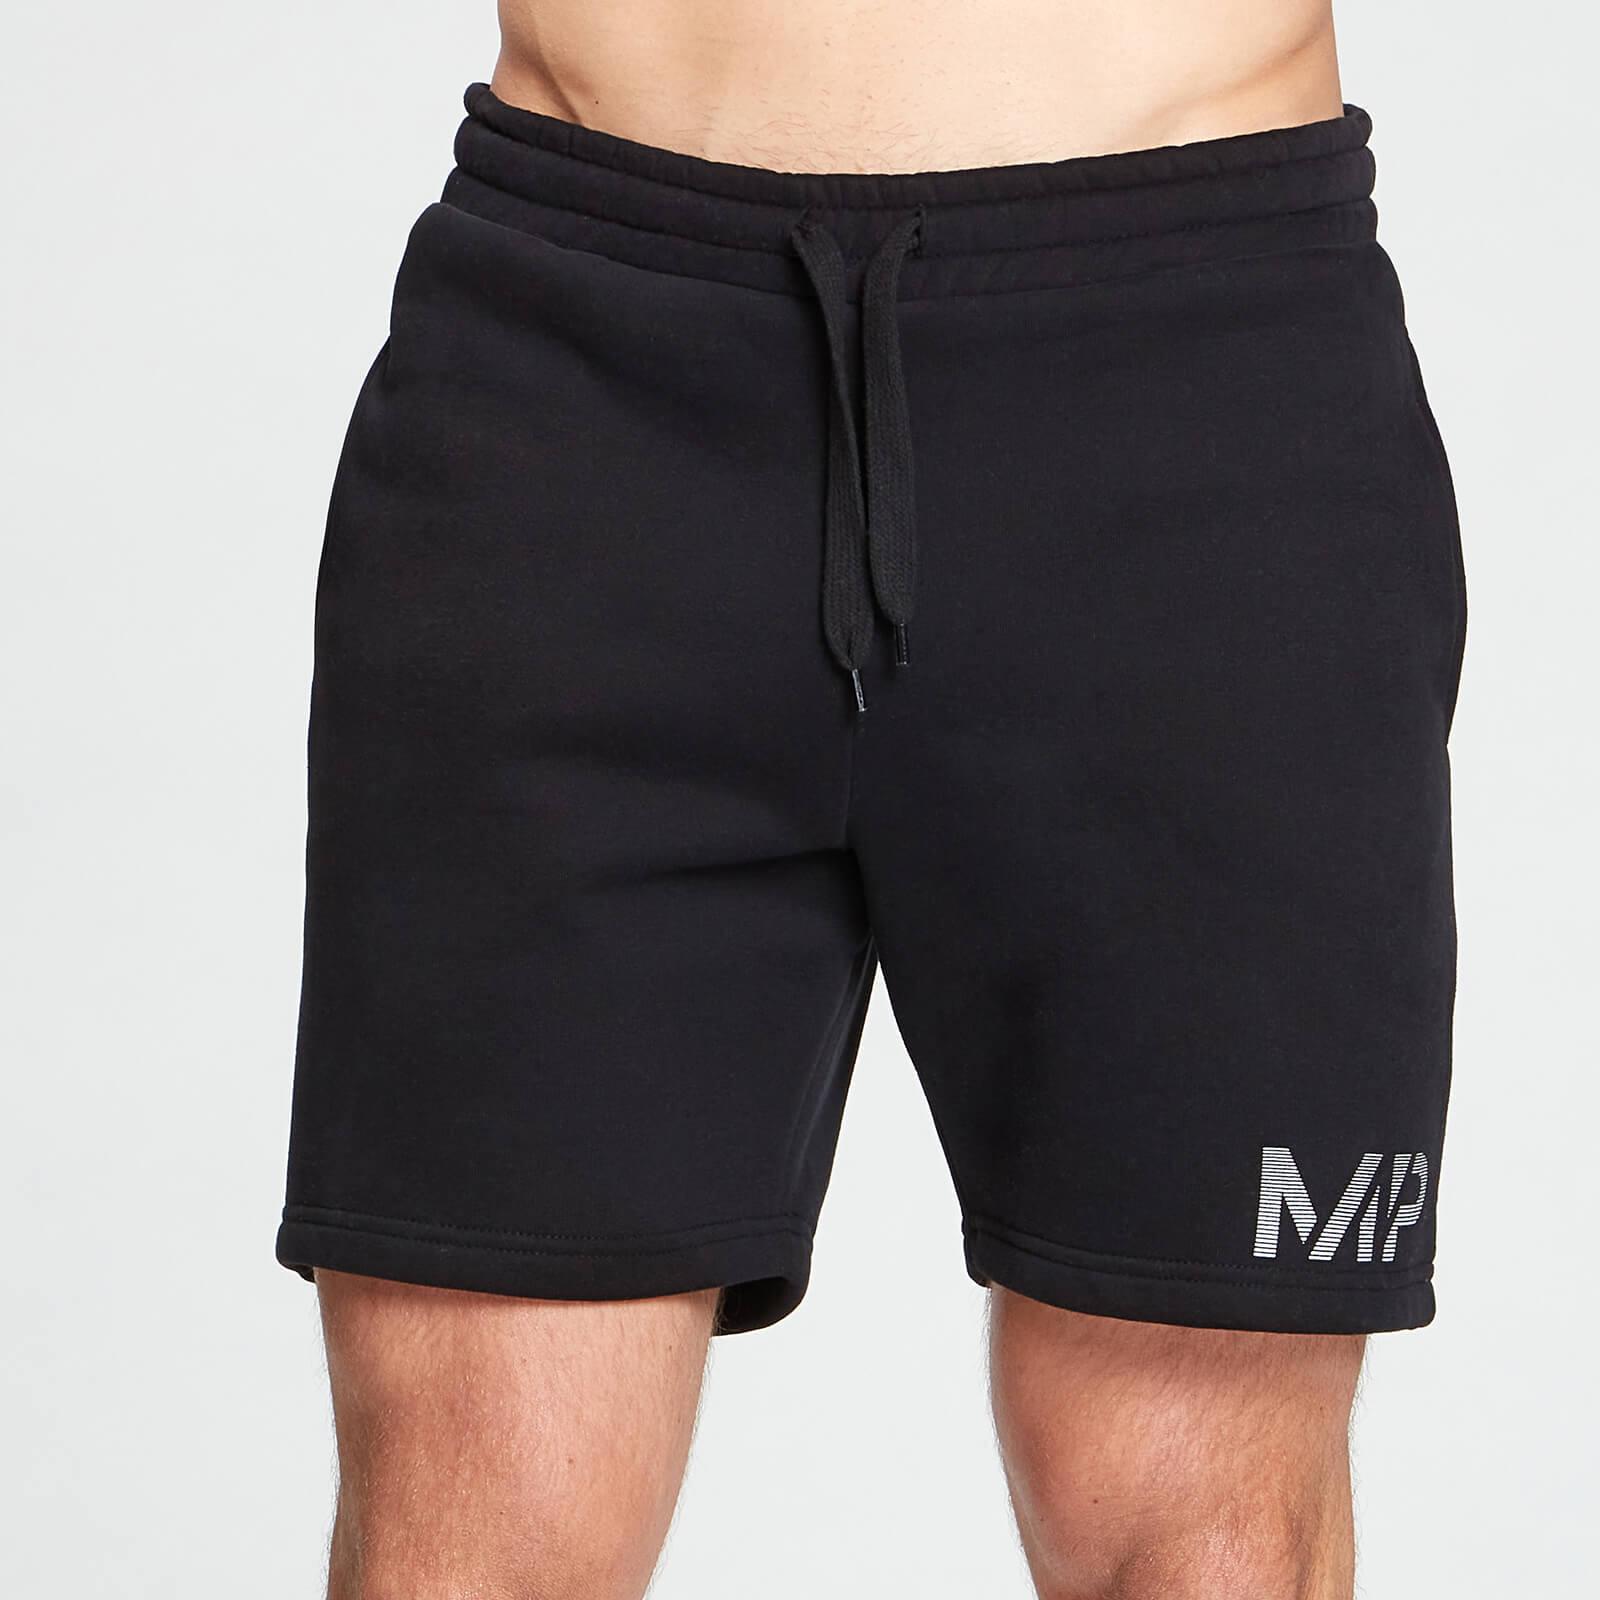 Купить MP Men's Gradient Line Graphic Shorts - Black - XXL, Myprotein International